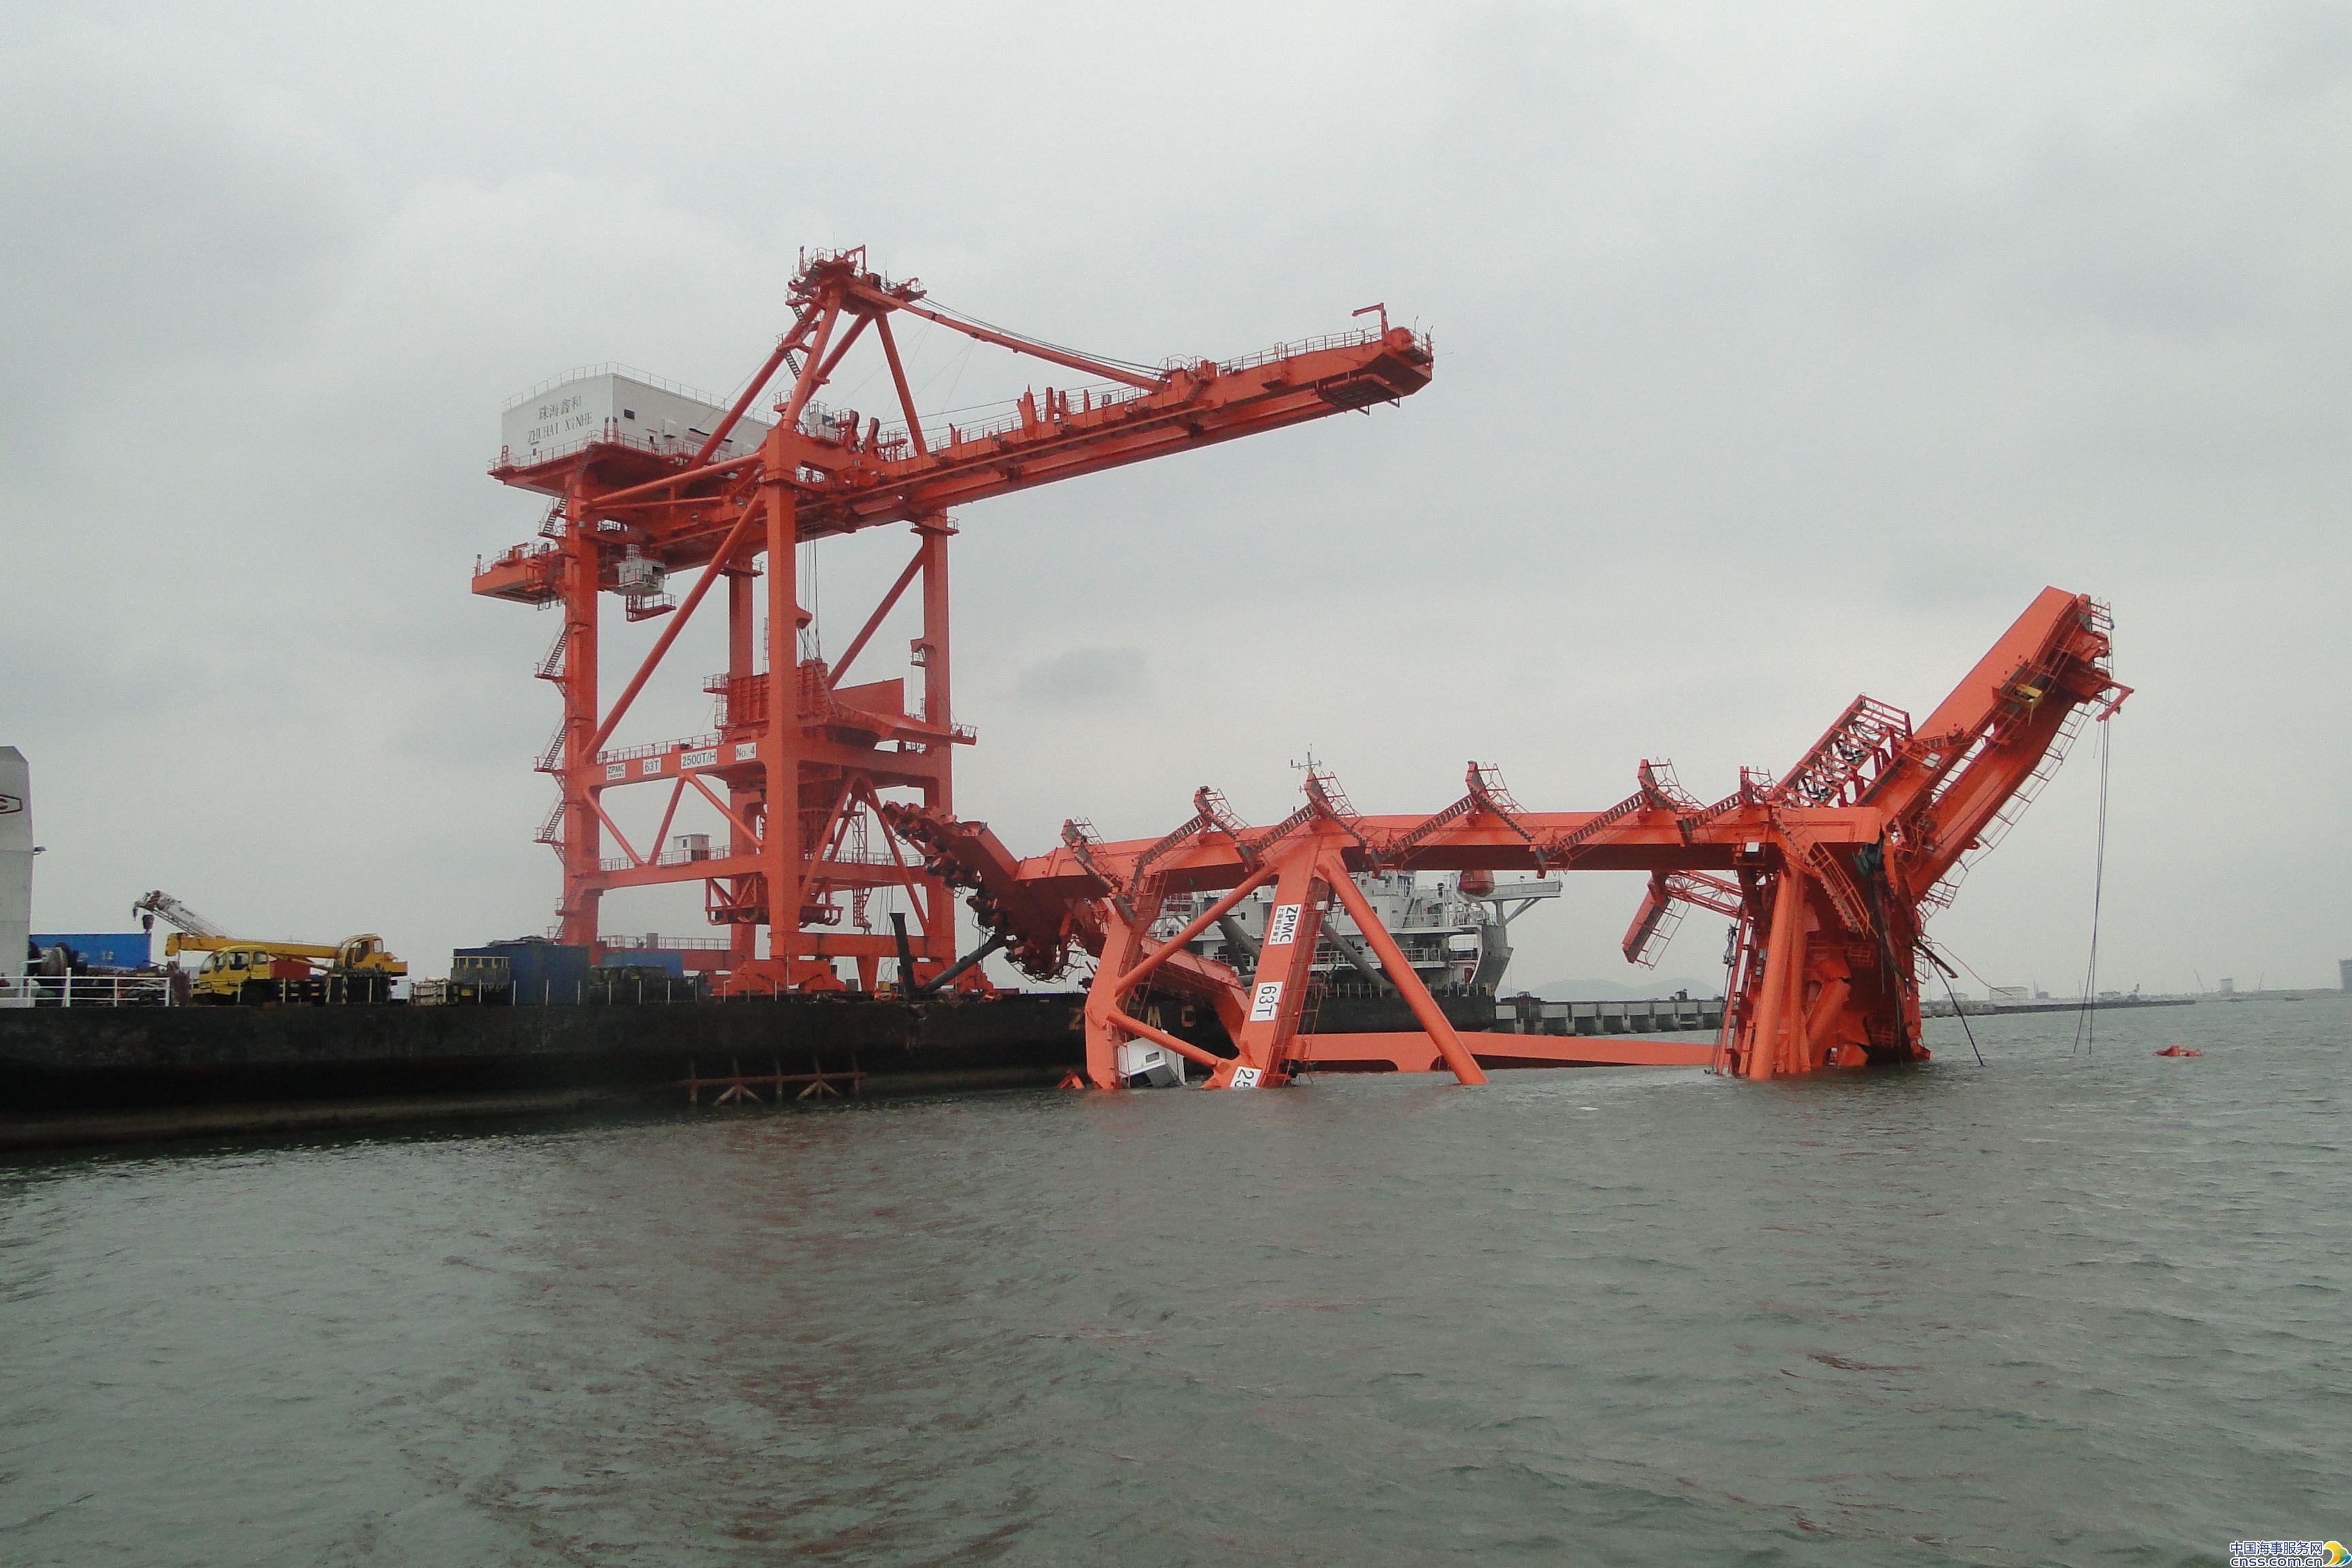 [事故案例]2012上海振华重工于珠海港发生事故 卸船机坠海-港口技术安全网